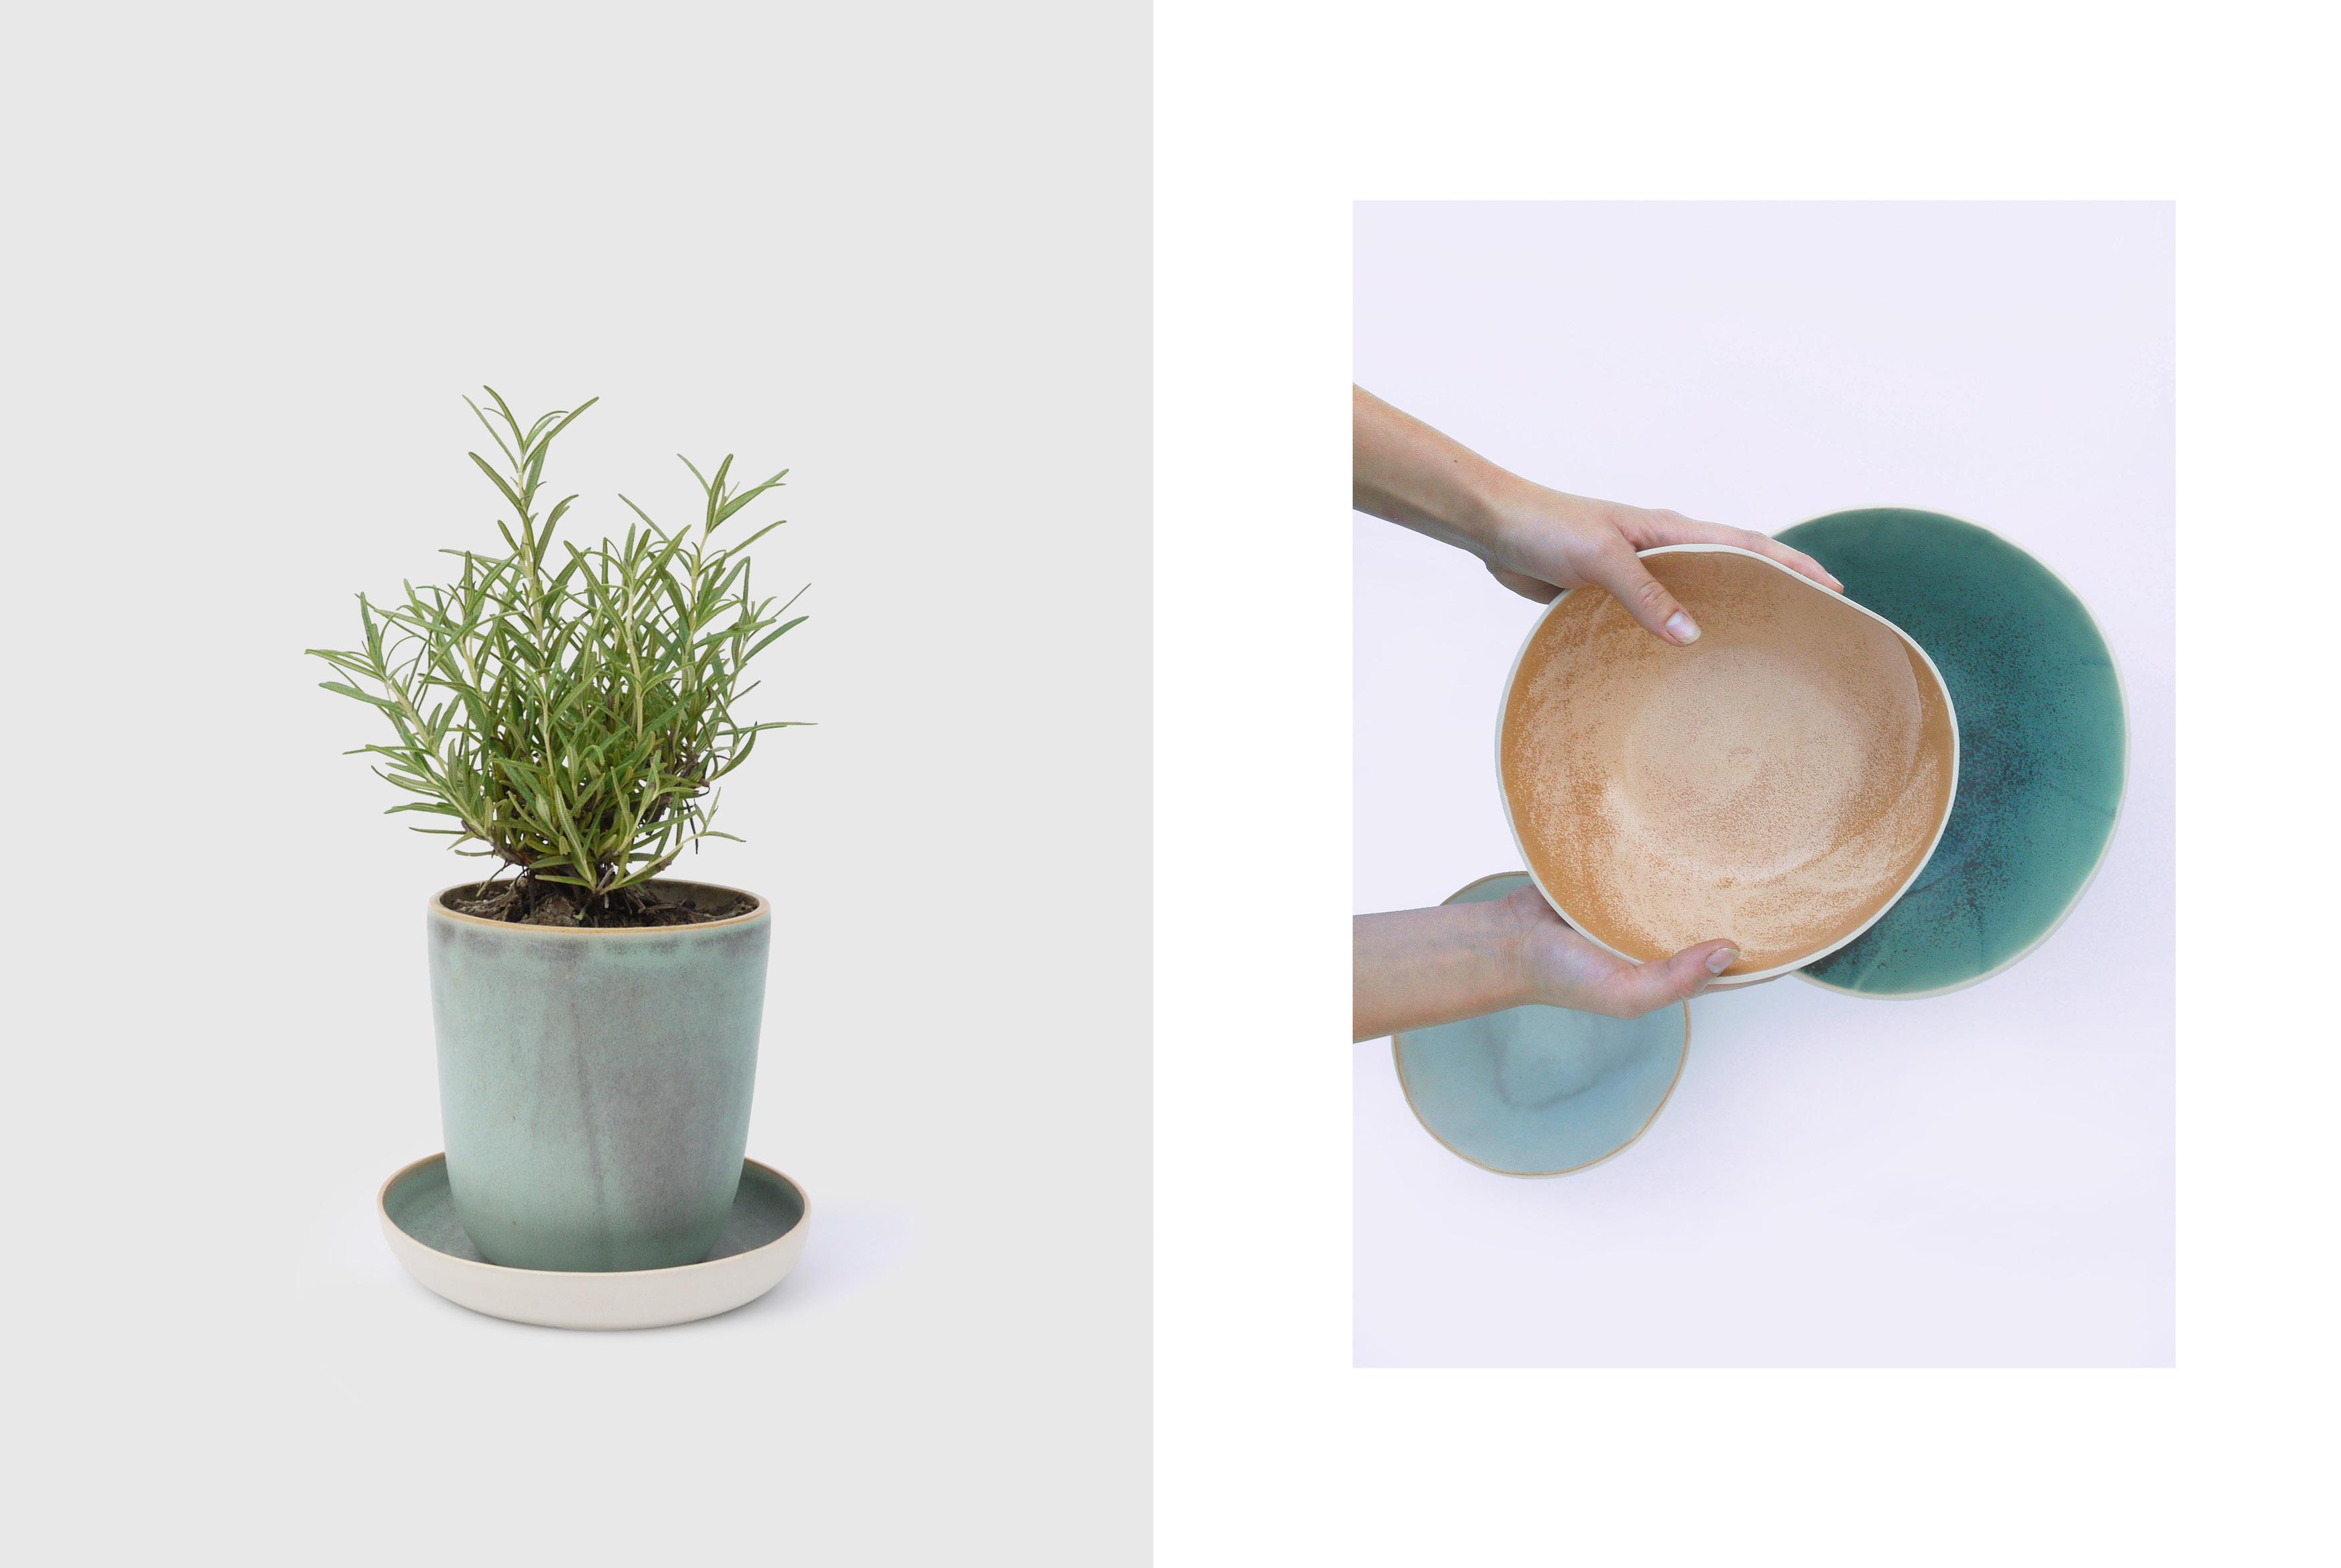 flower pot on ceramic